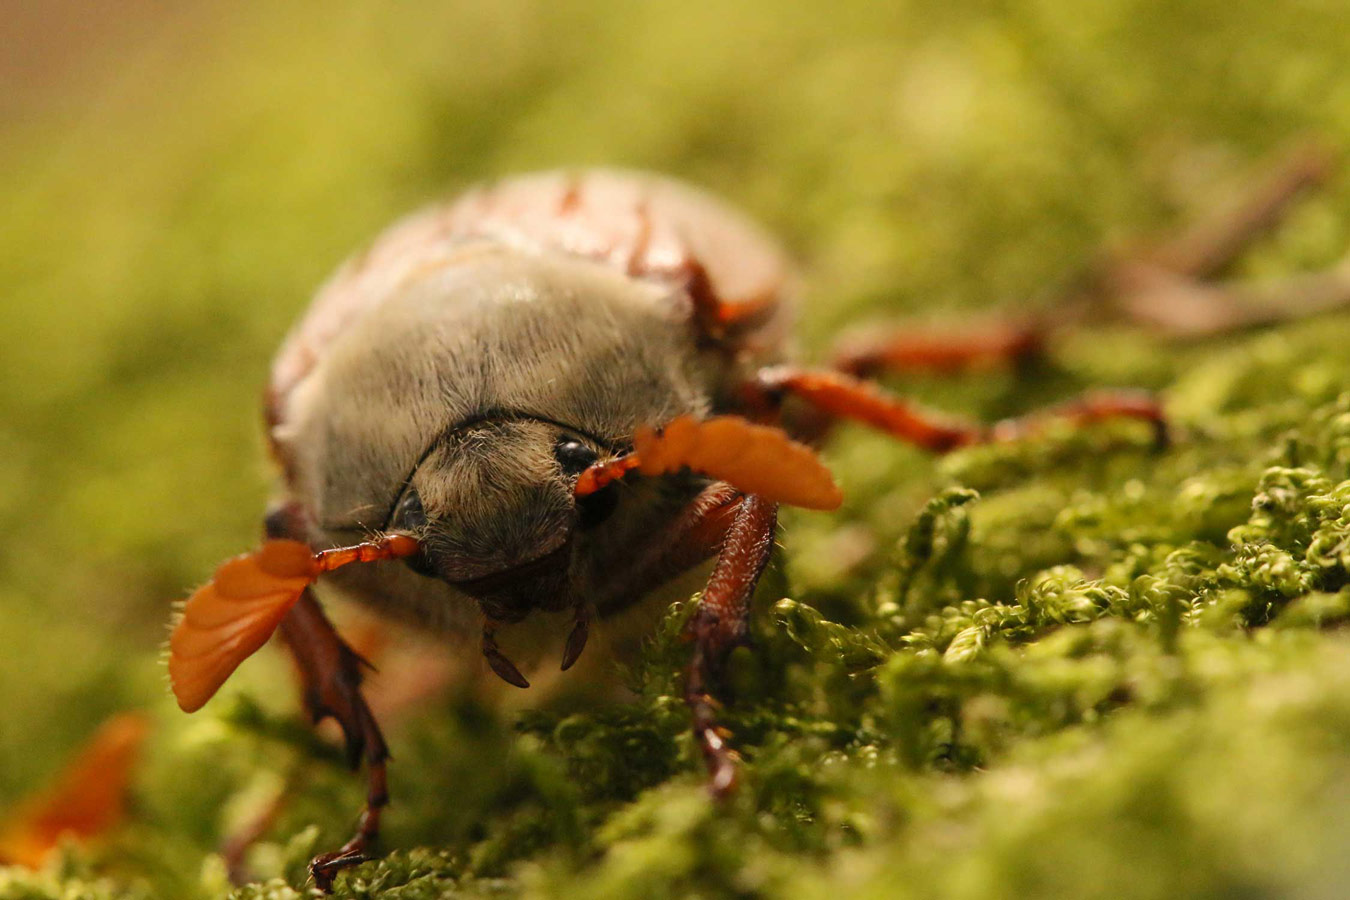 Кто сказал, что жучки не милые? Борроудейл, Камбрия, © Люси Фаррелл, Конкурс фотографий дикой природы British Wildlife